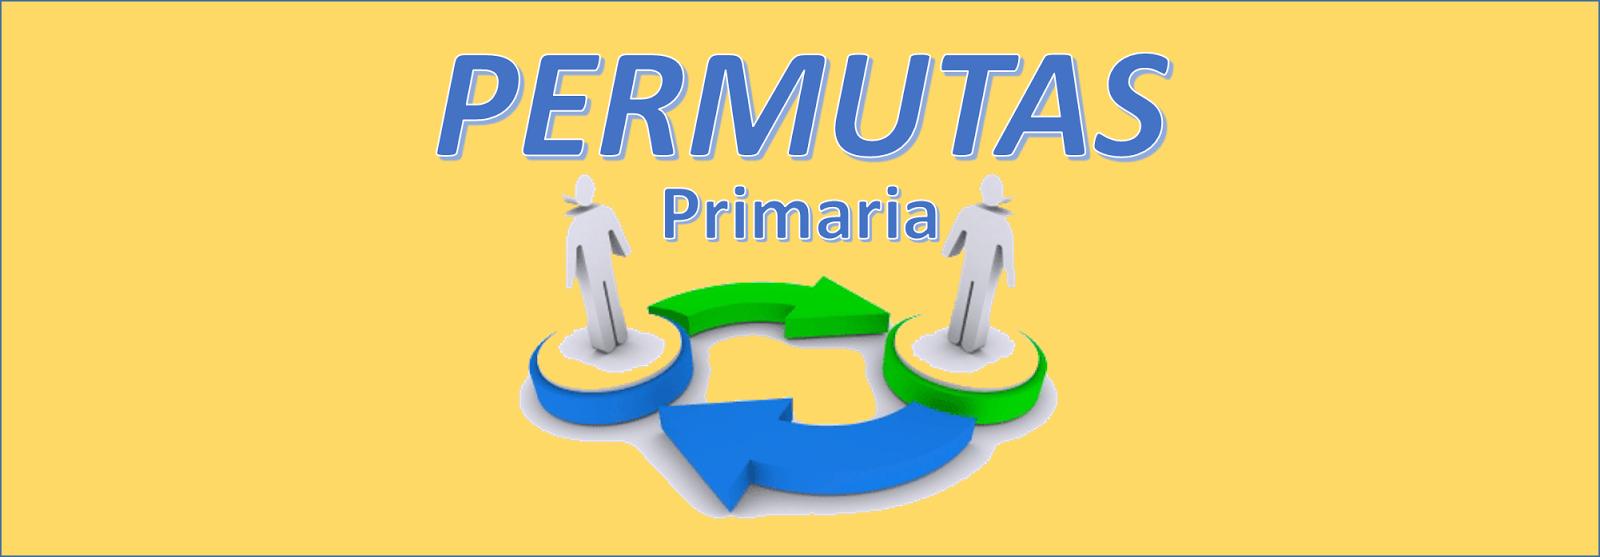 PERMUTAS 2016 - PRIMARIA